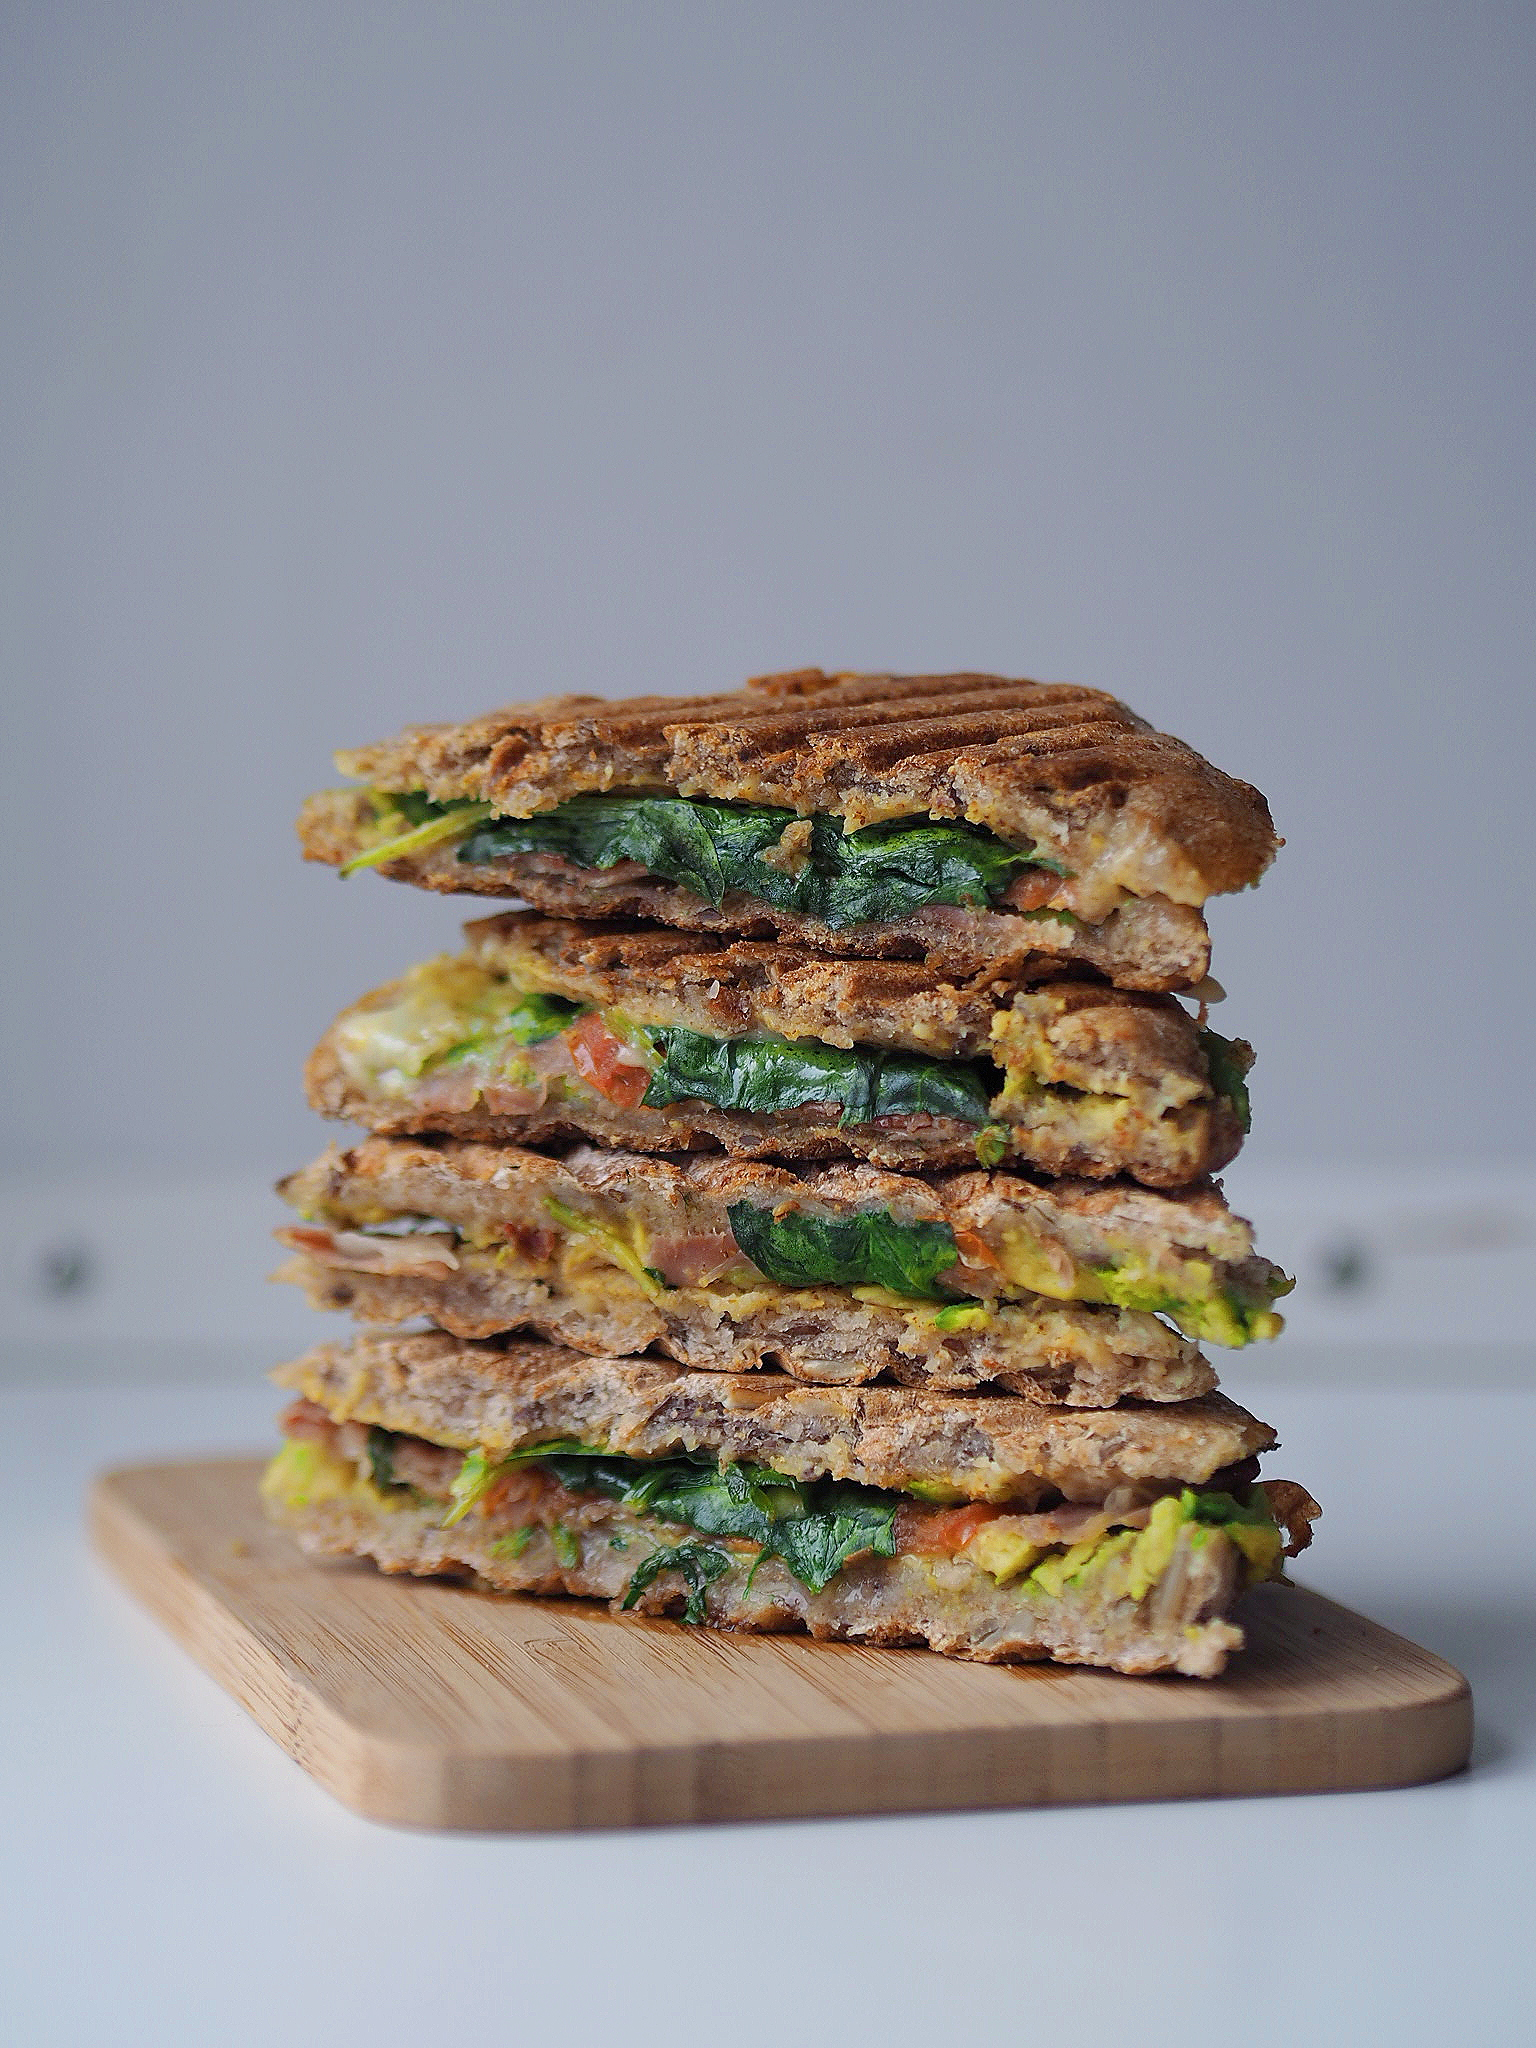 Spelttoast med avokado og serrano skinke - toast